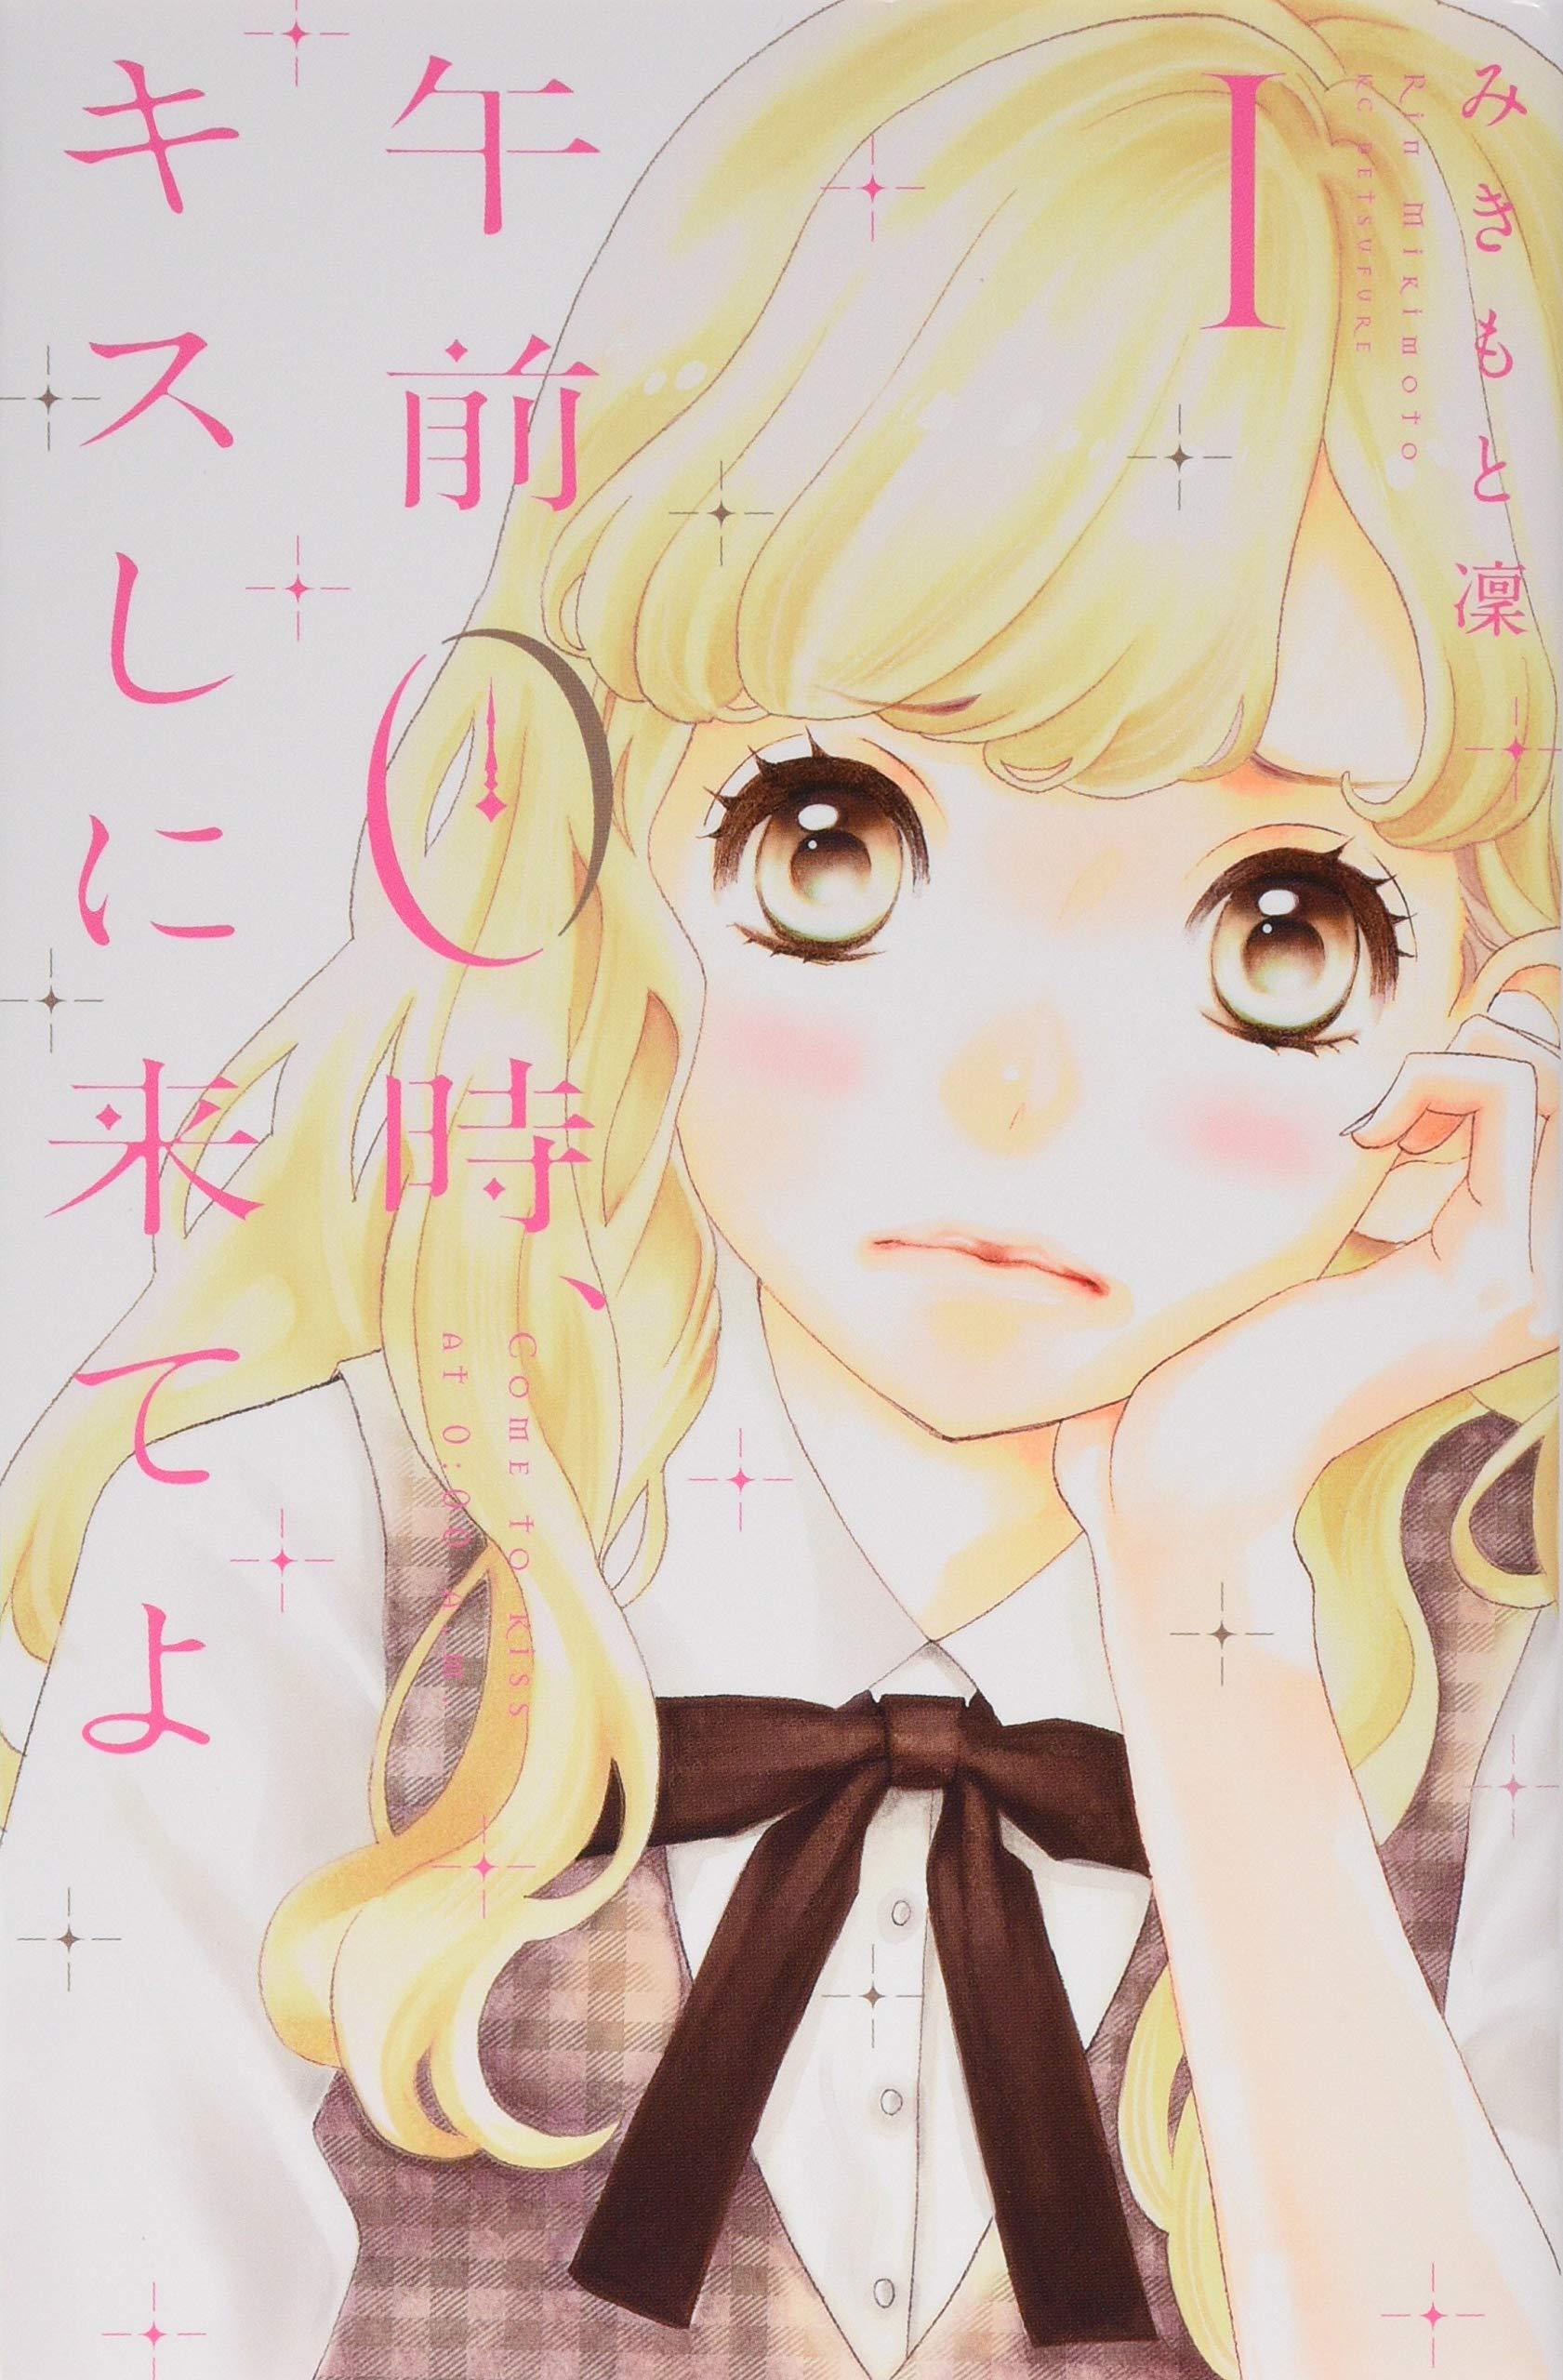 午前 零 時 キス し に 来 て よ 午前零時キスしに来てよ 主題歌 - plusit-life.co.jp